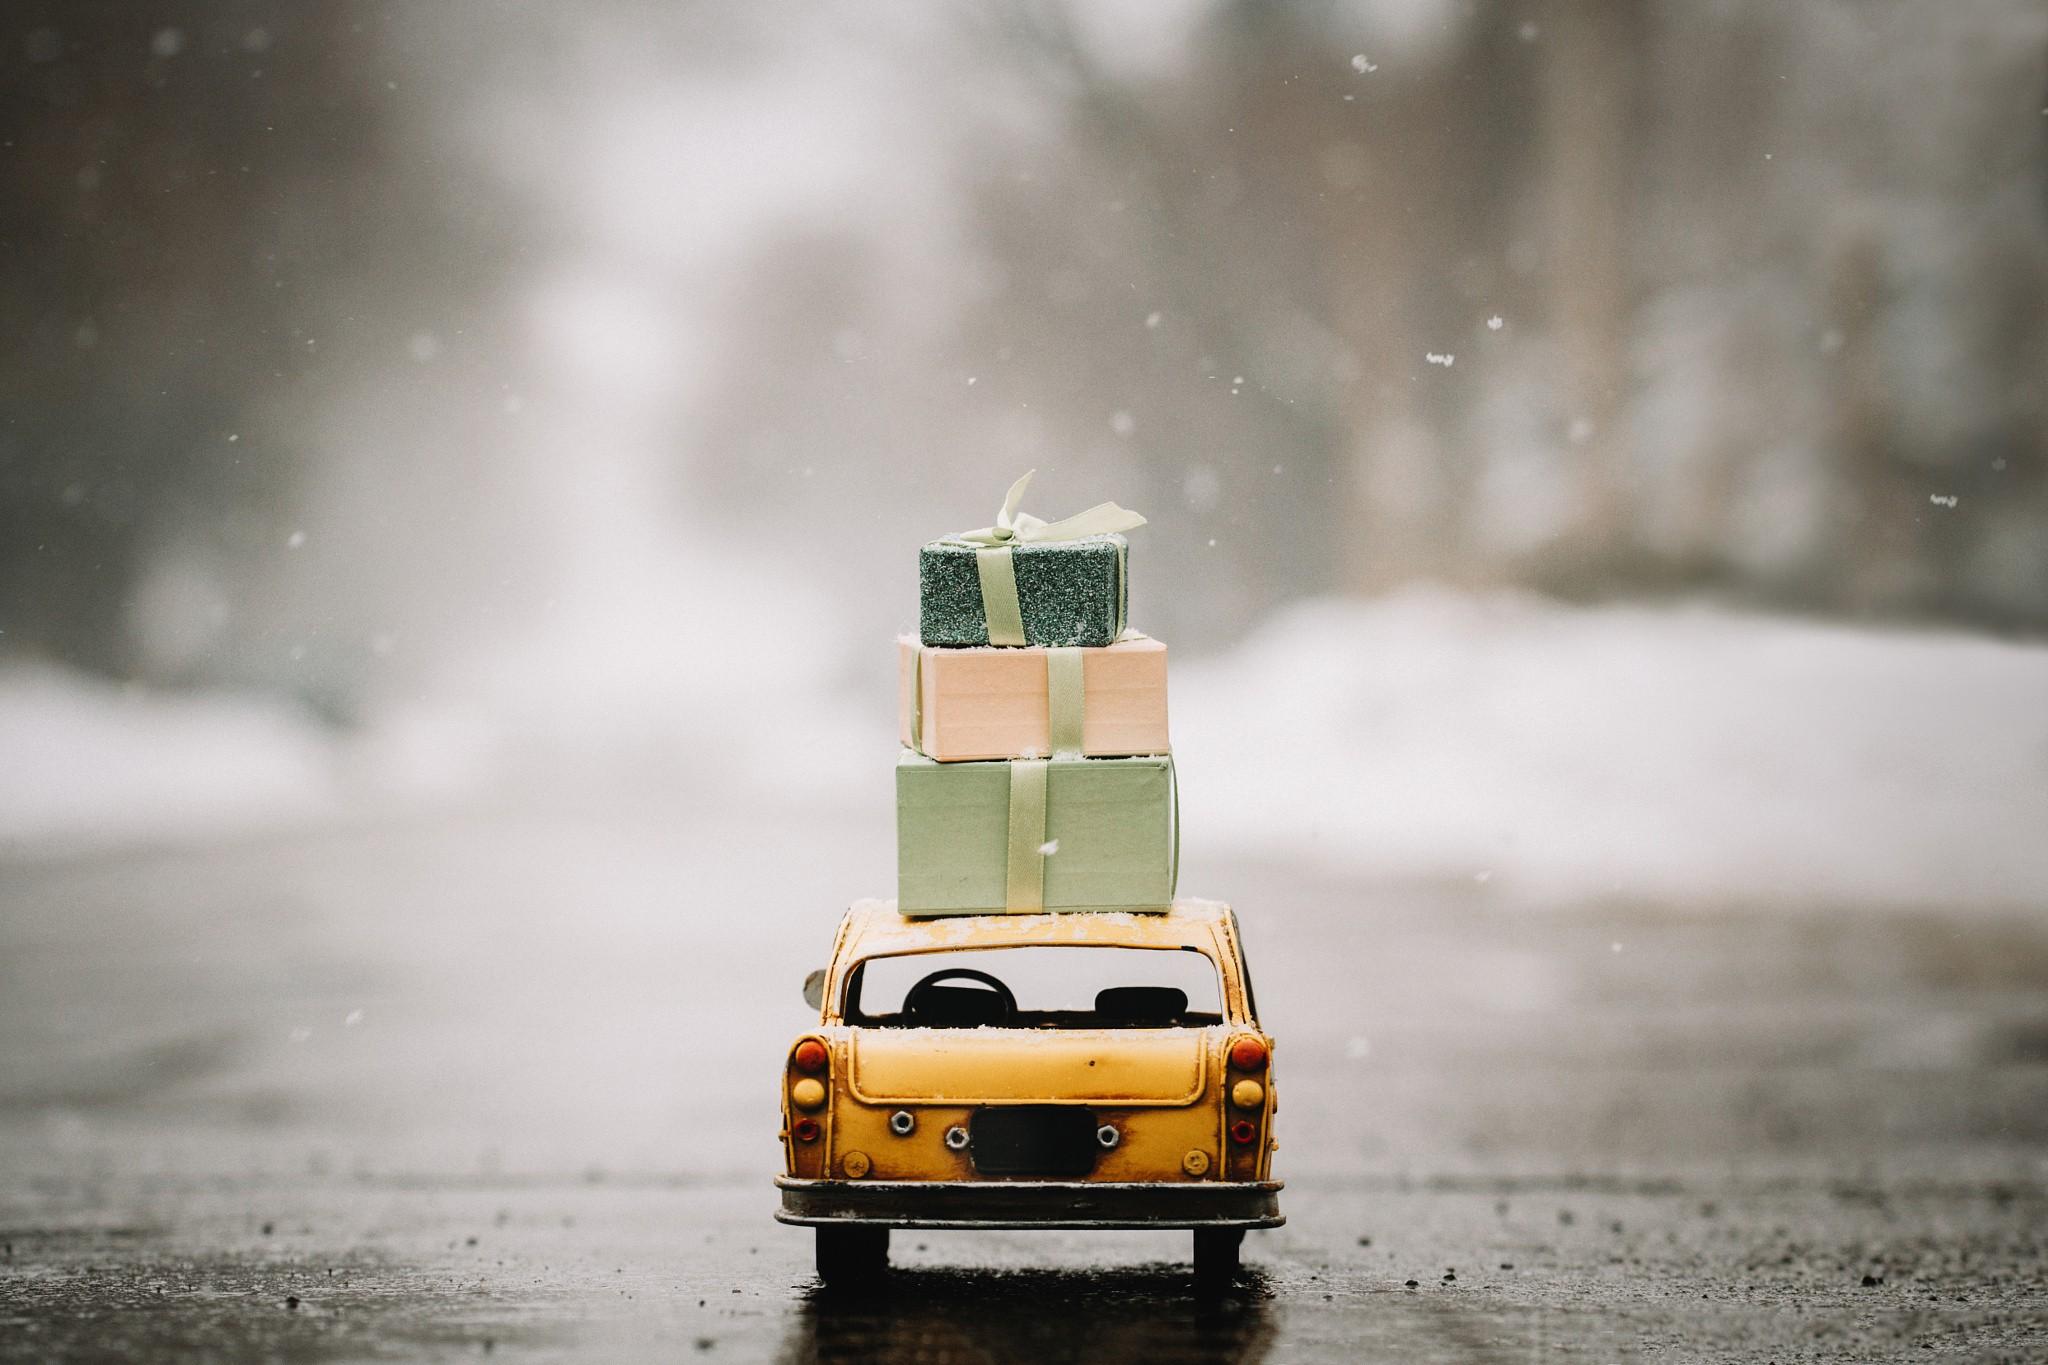 Miniatures Snow Presents Car 2048x1365